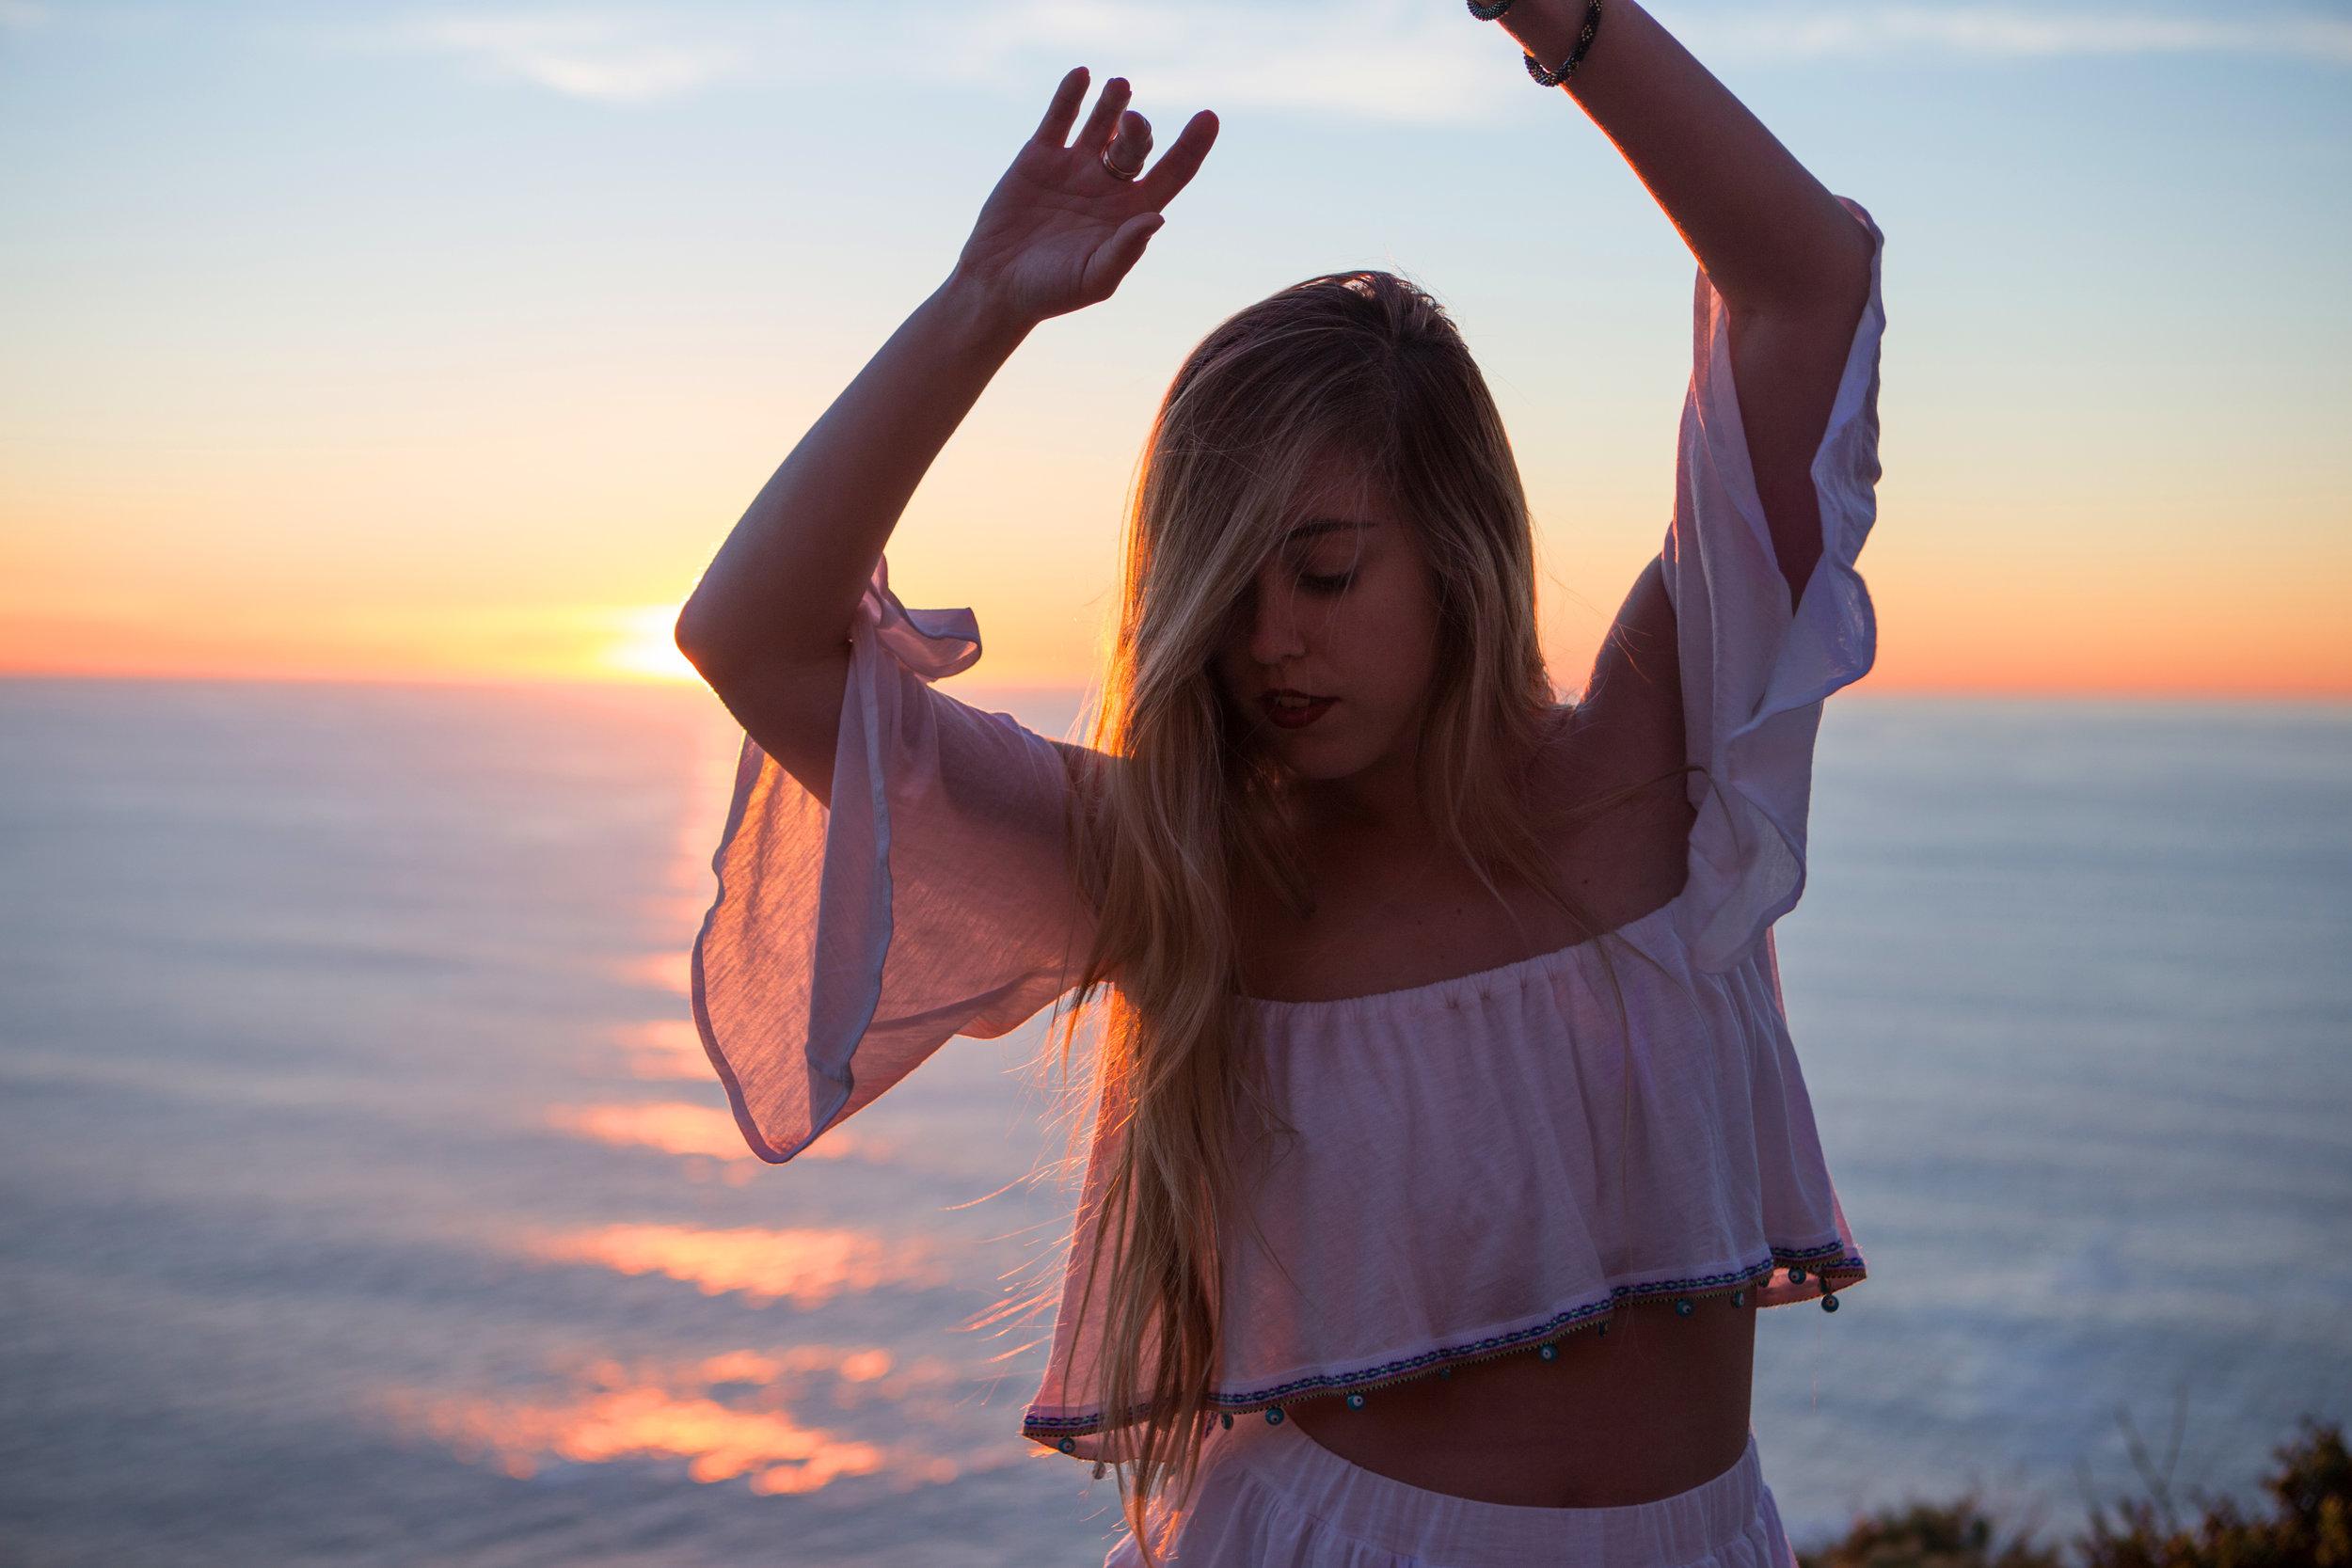 JordanRose_AstroBandit_Pitusa_BigSur_Sunset_WhiteRuffles_5.jpg